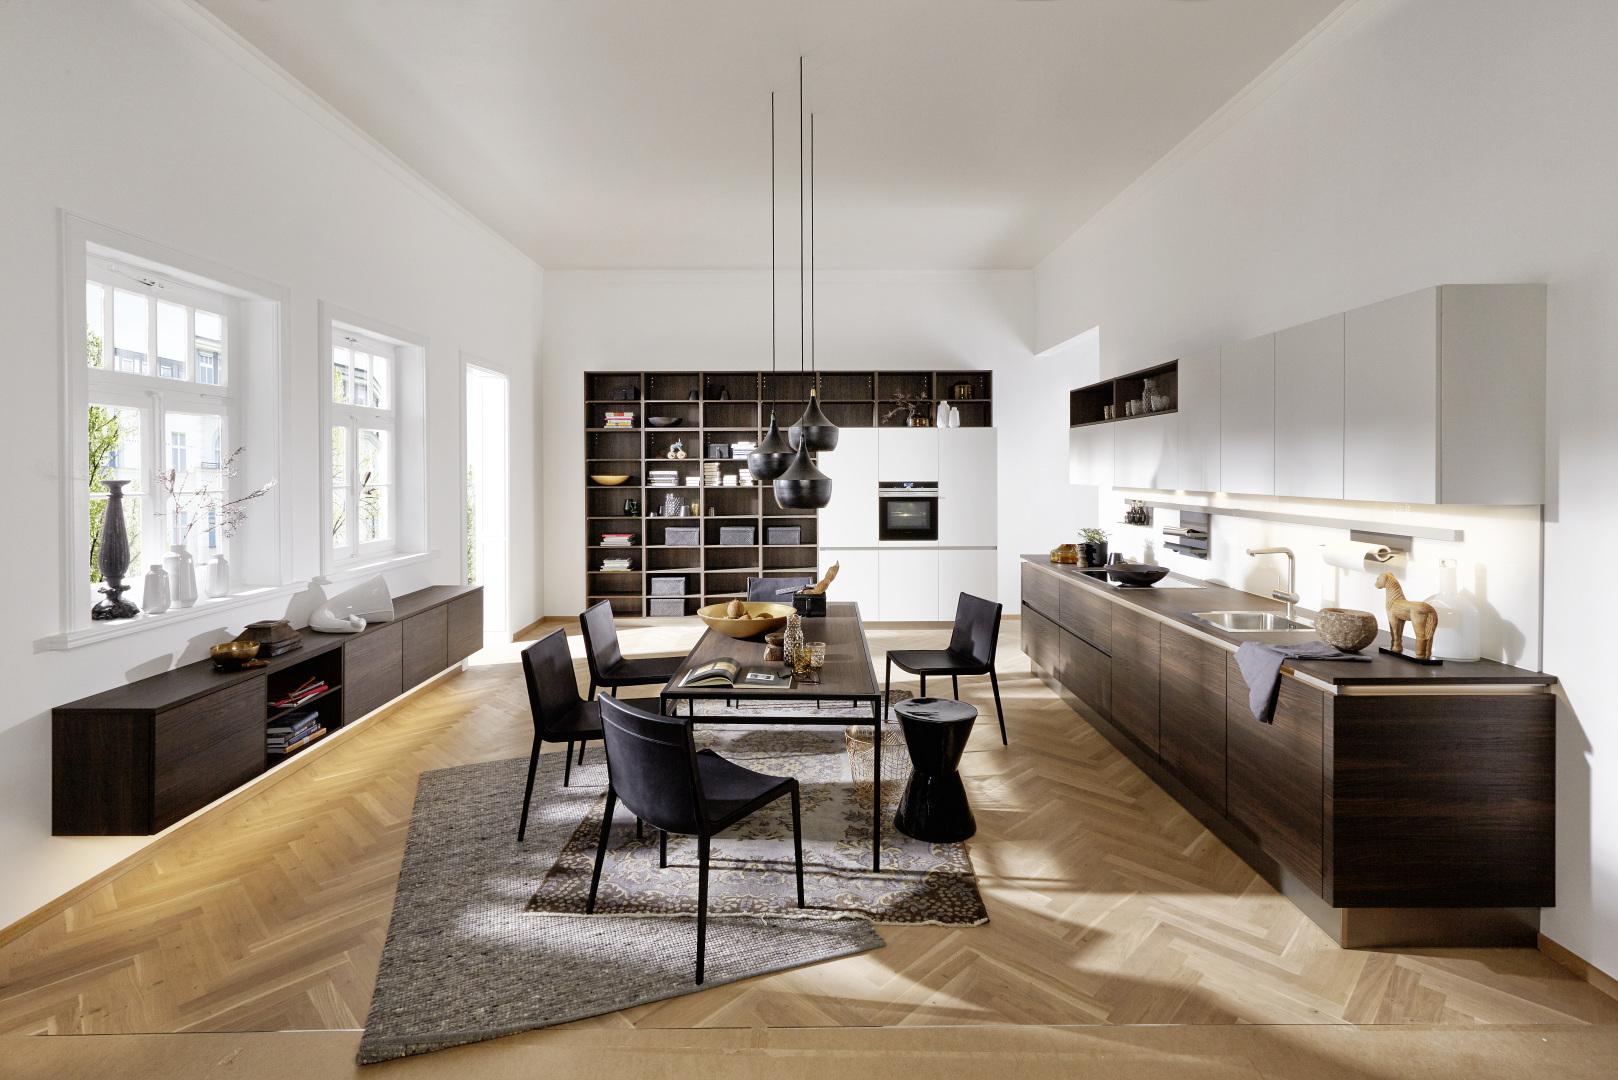 cuisine lumineuse ergonomique pratique design moderne